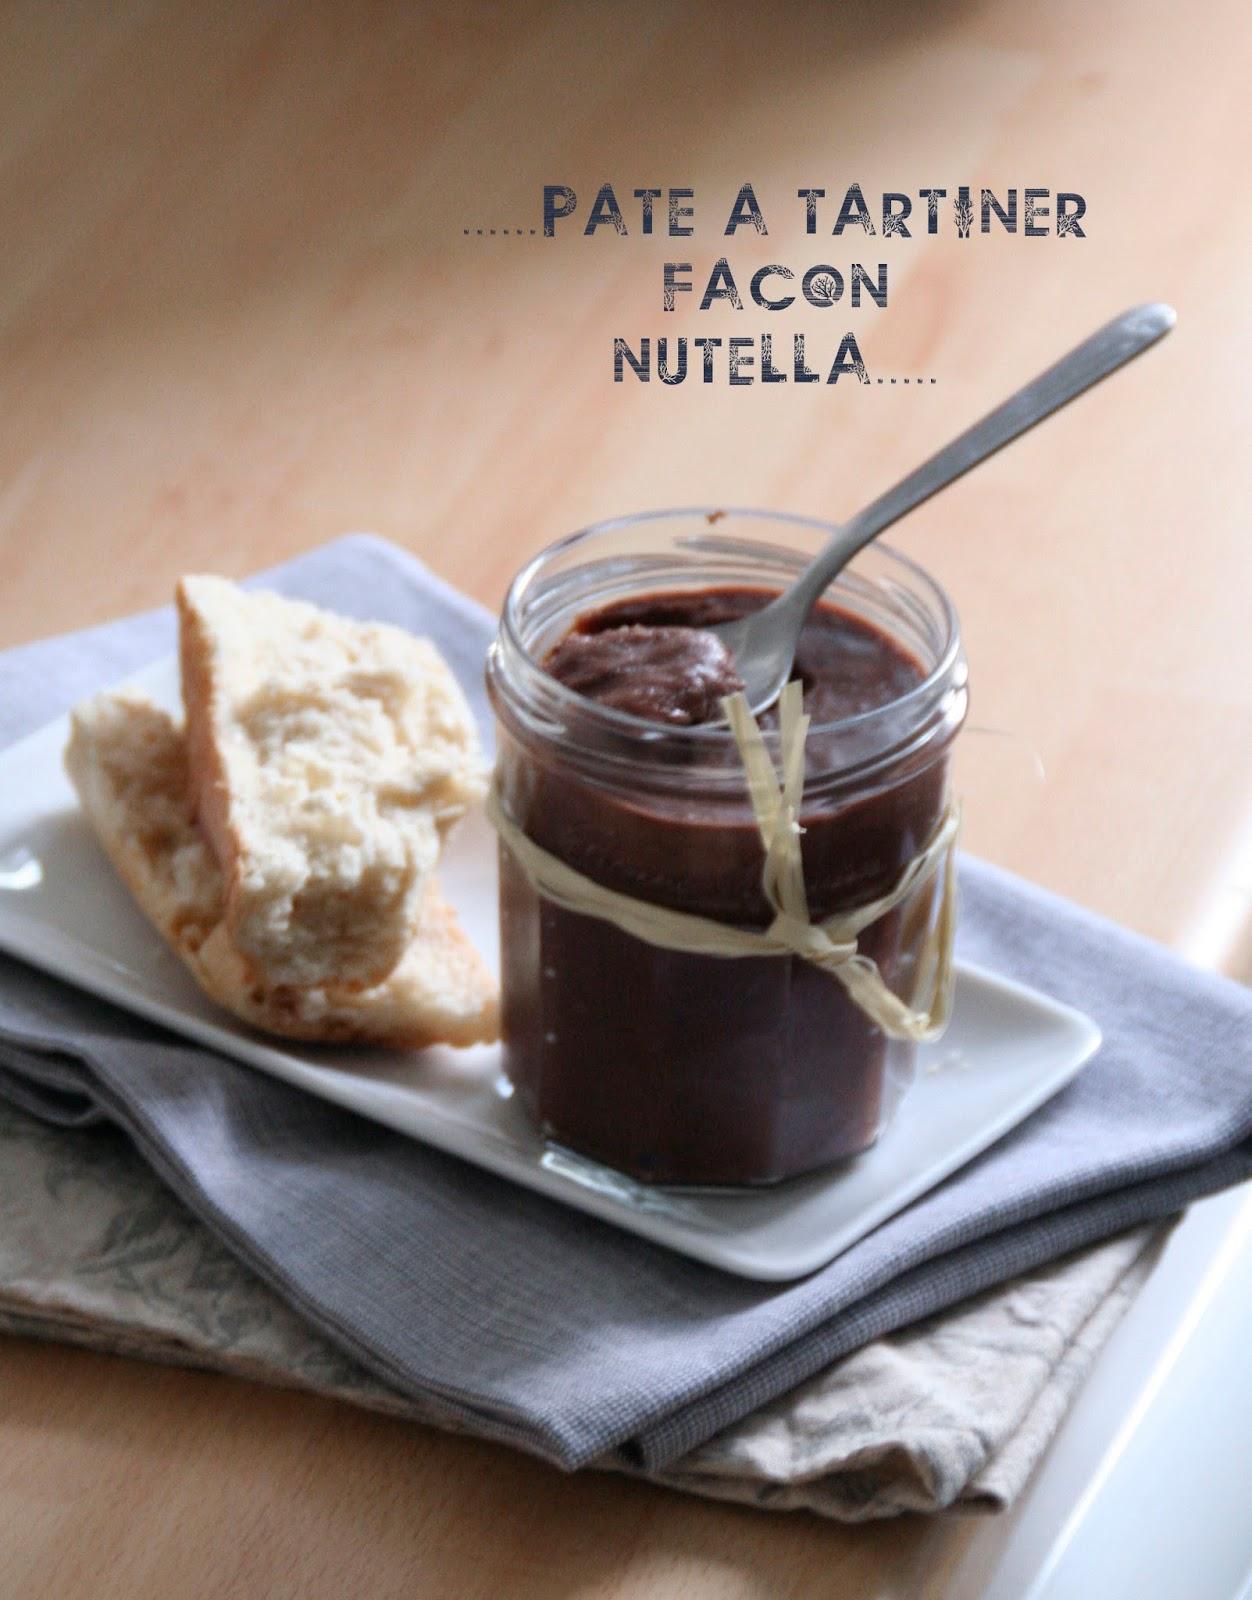 Et charlotte d couvrit la cuisine p te tartiner - Nutella maison cuisine futee ...